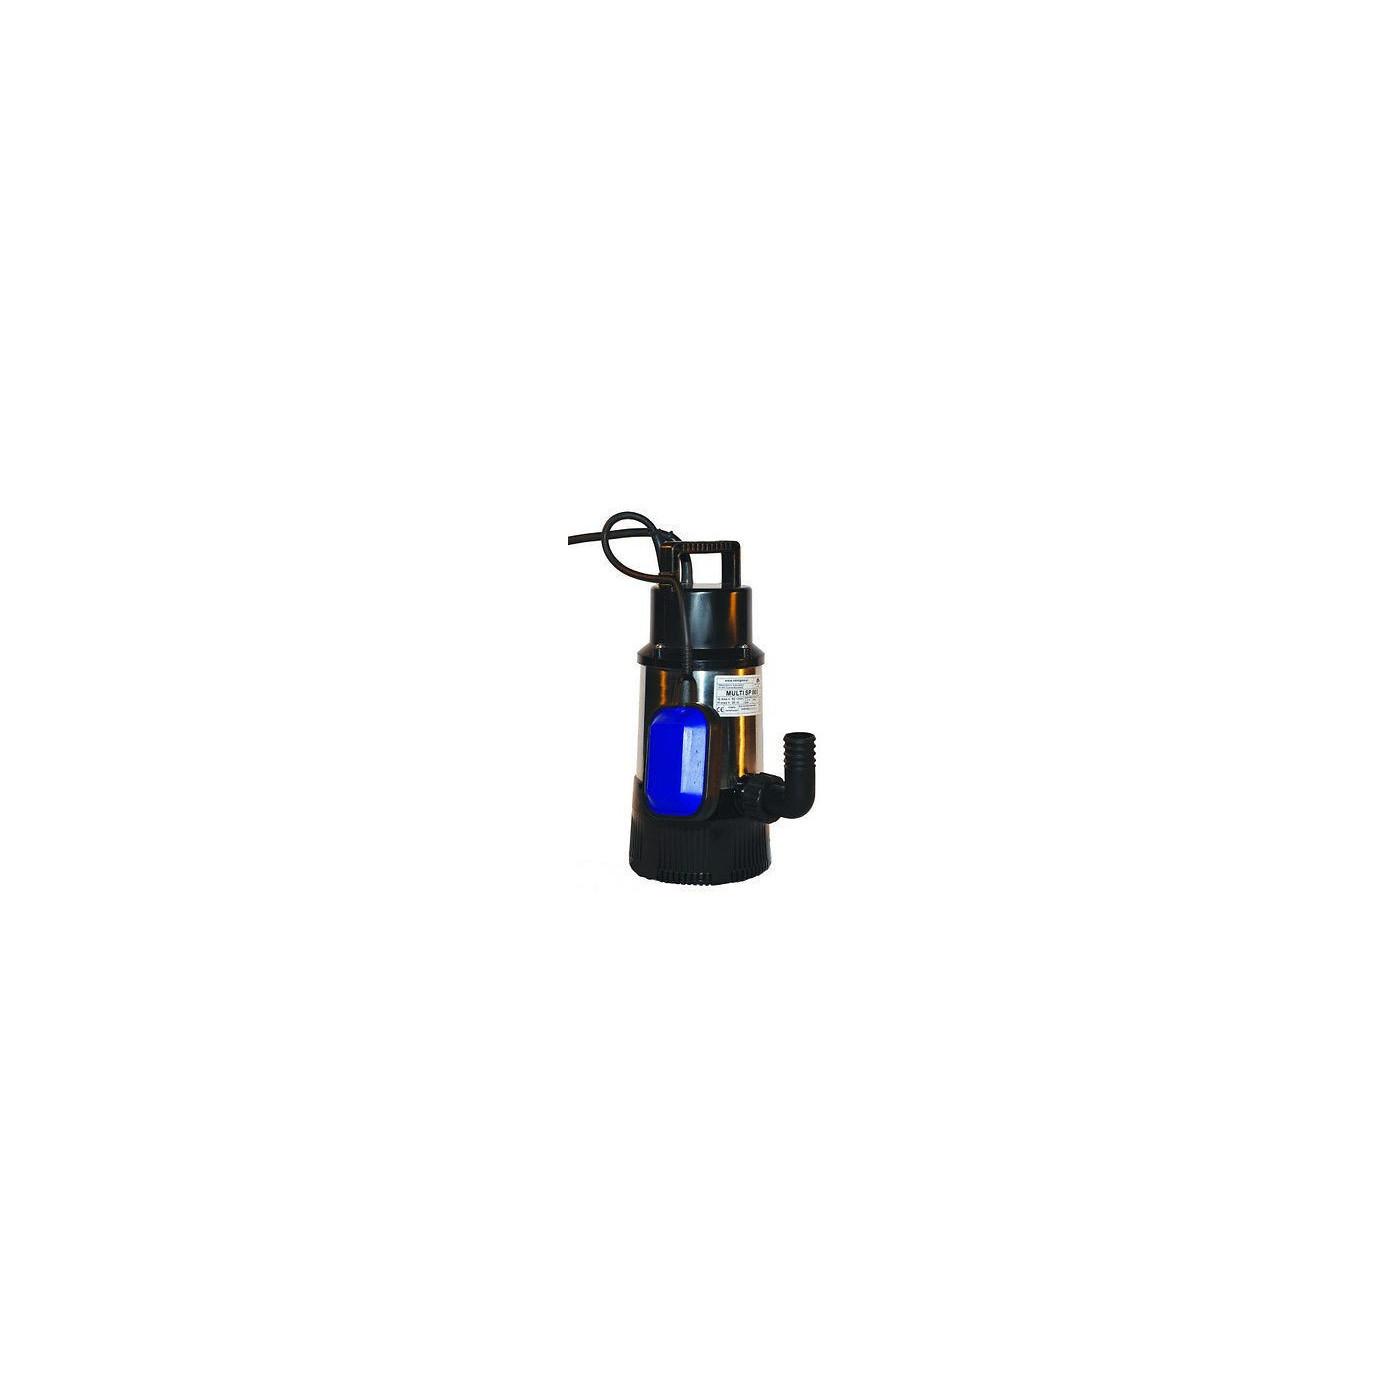 Pumpe 800W Edelstahl Wasserpumpe Gartenpumpe Tauchpumpe  Schwimmerschalter